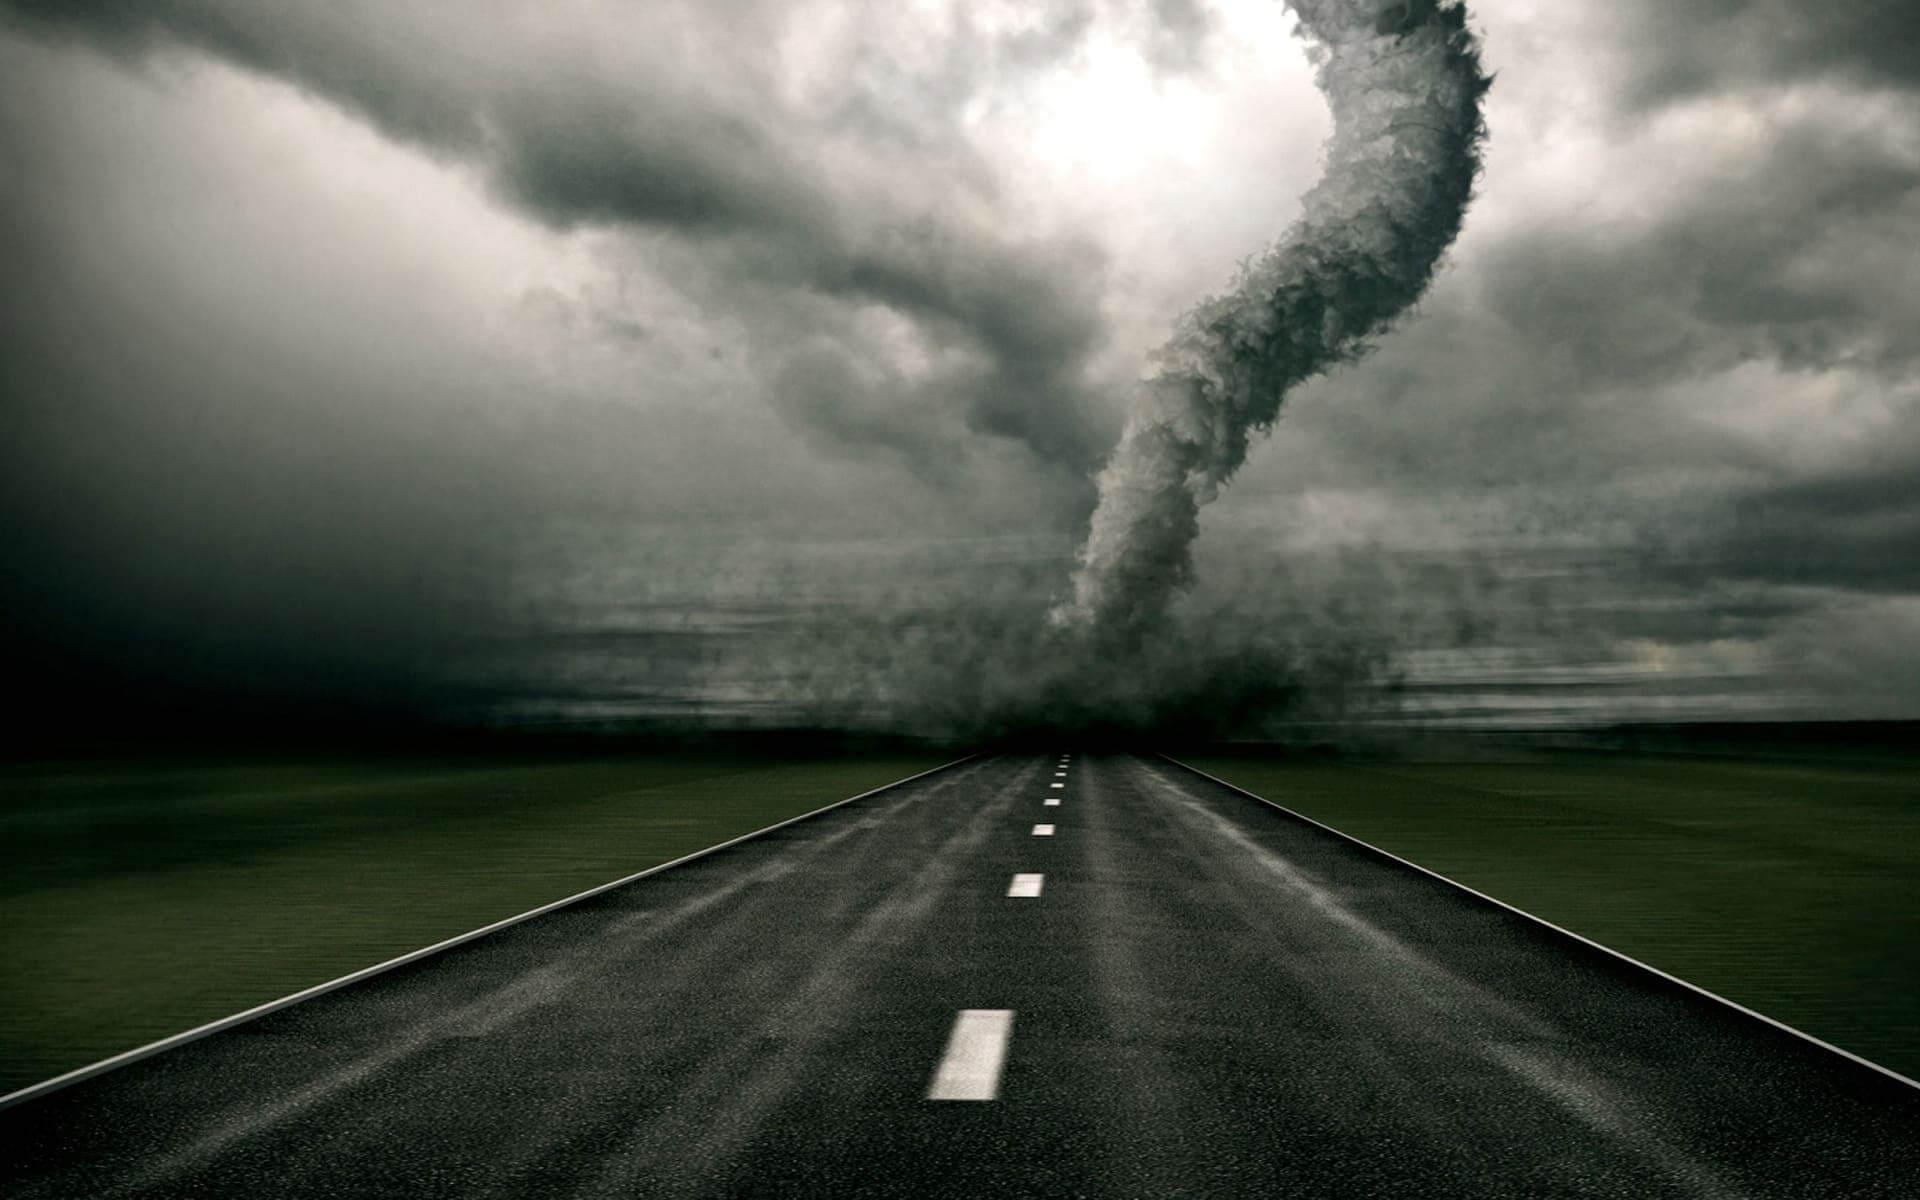 Самые сильные ураганы в мире. Категории и Имена ураганов.